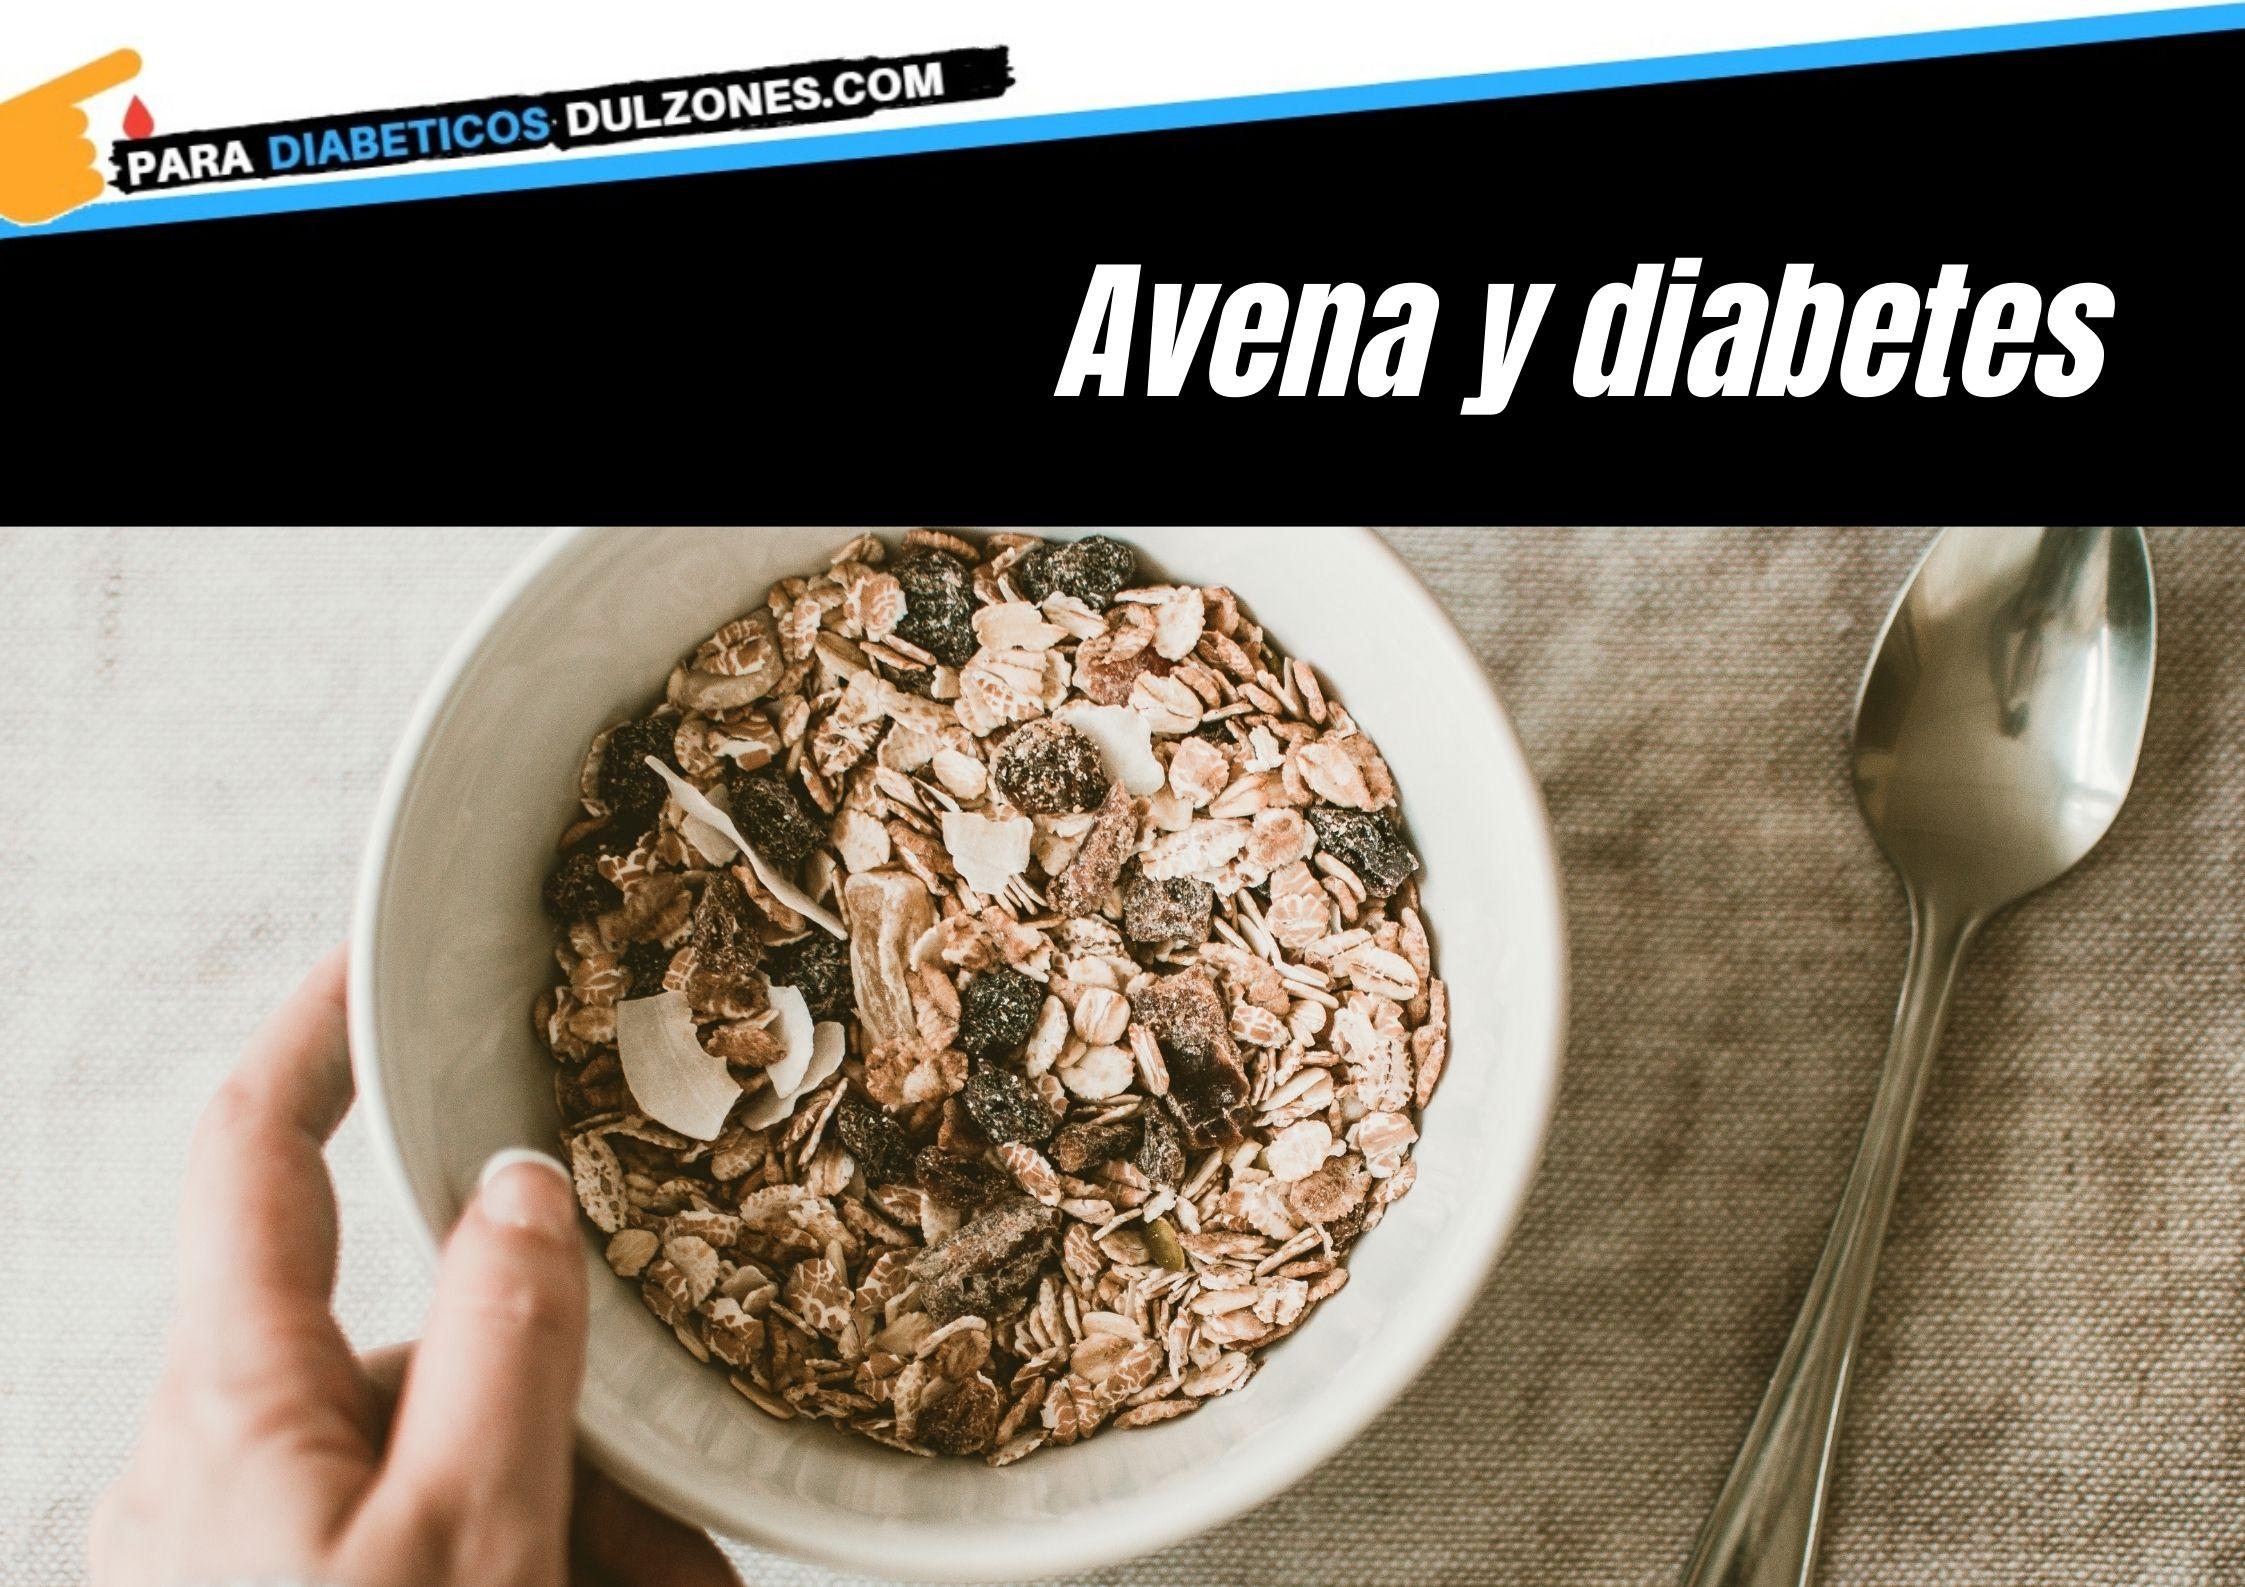 Avena y diabetes: Todo lo que debes saber sobre esta combinación